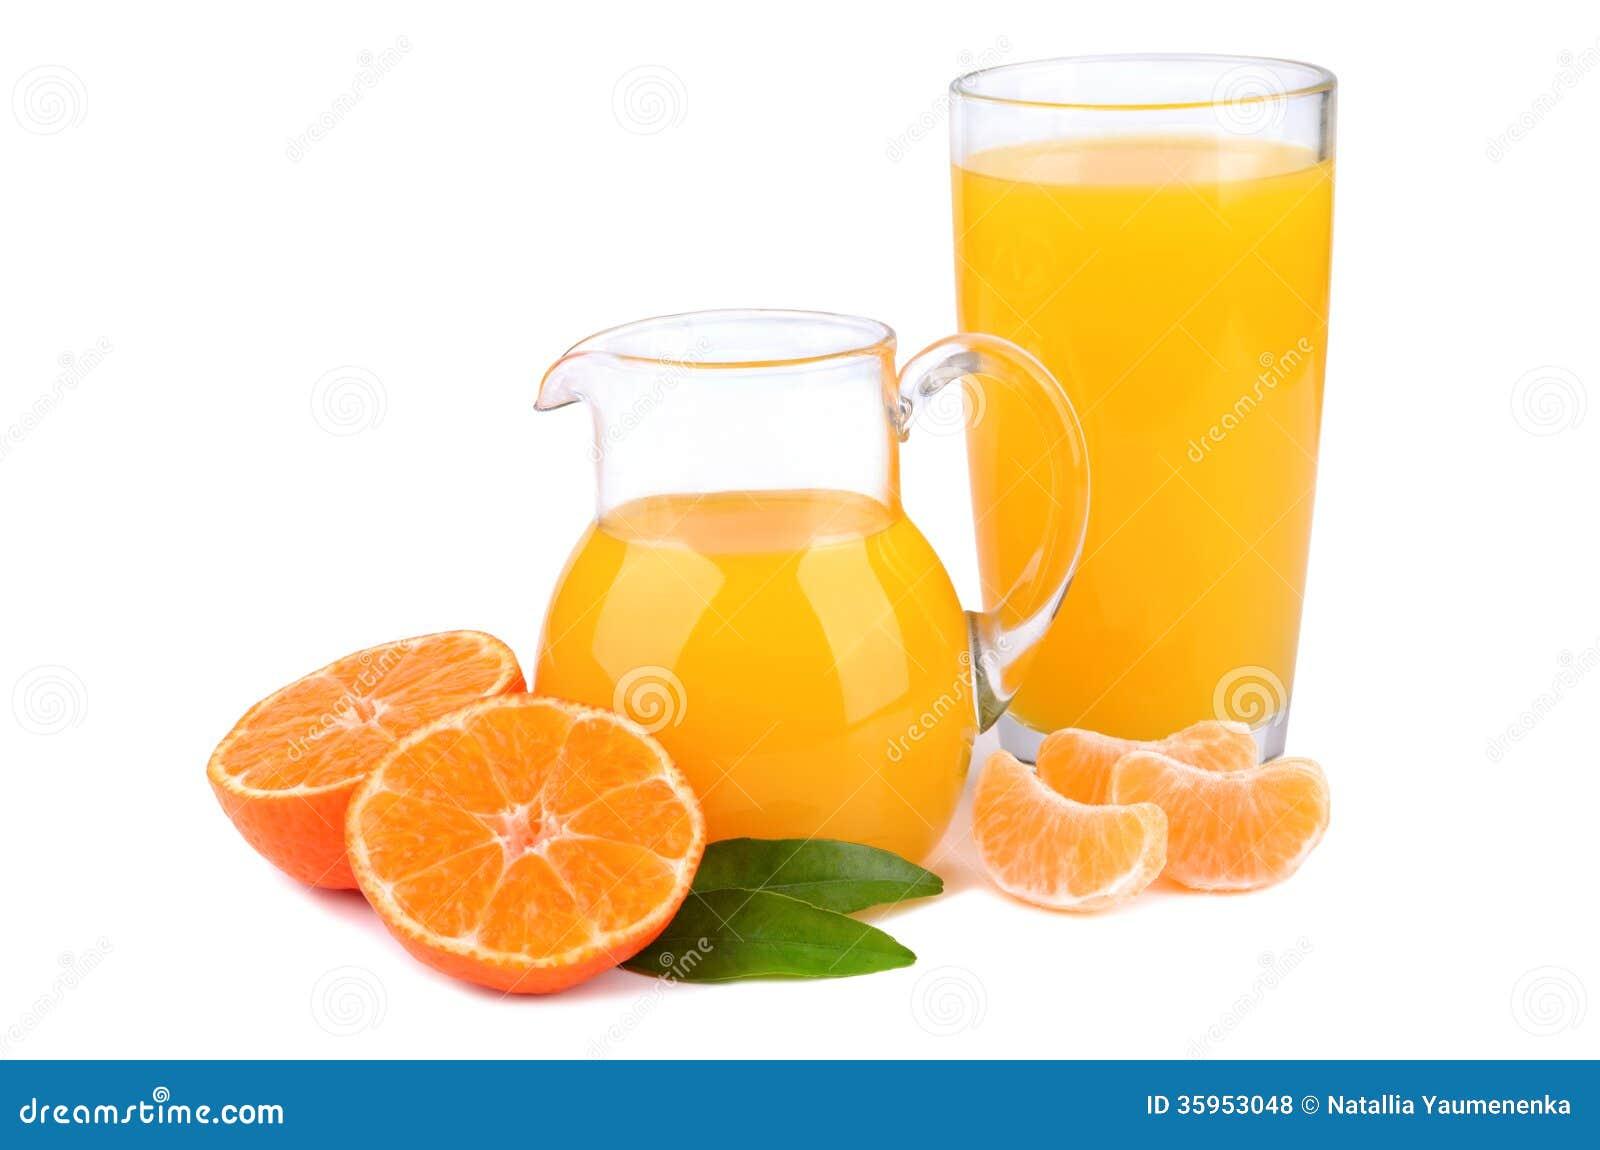 Mandarinas y jugo